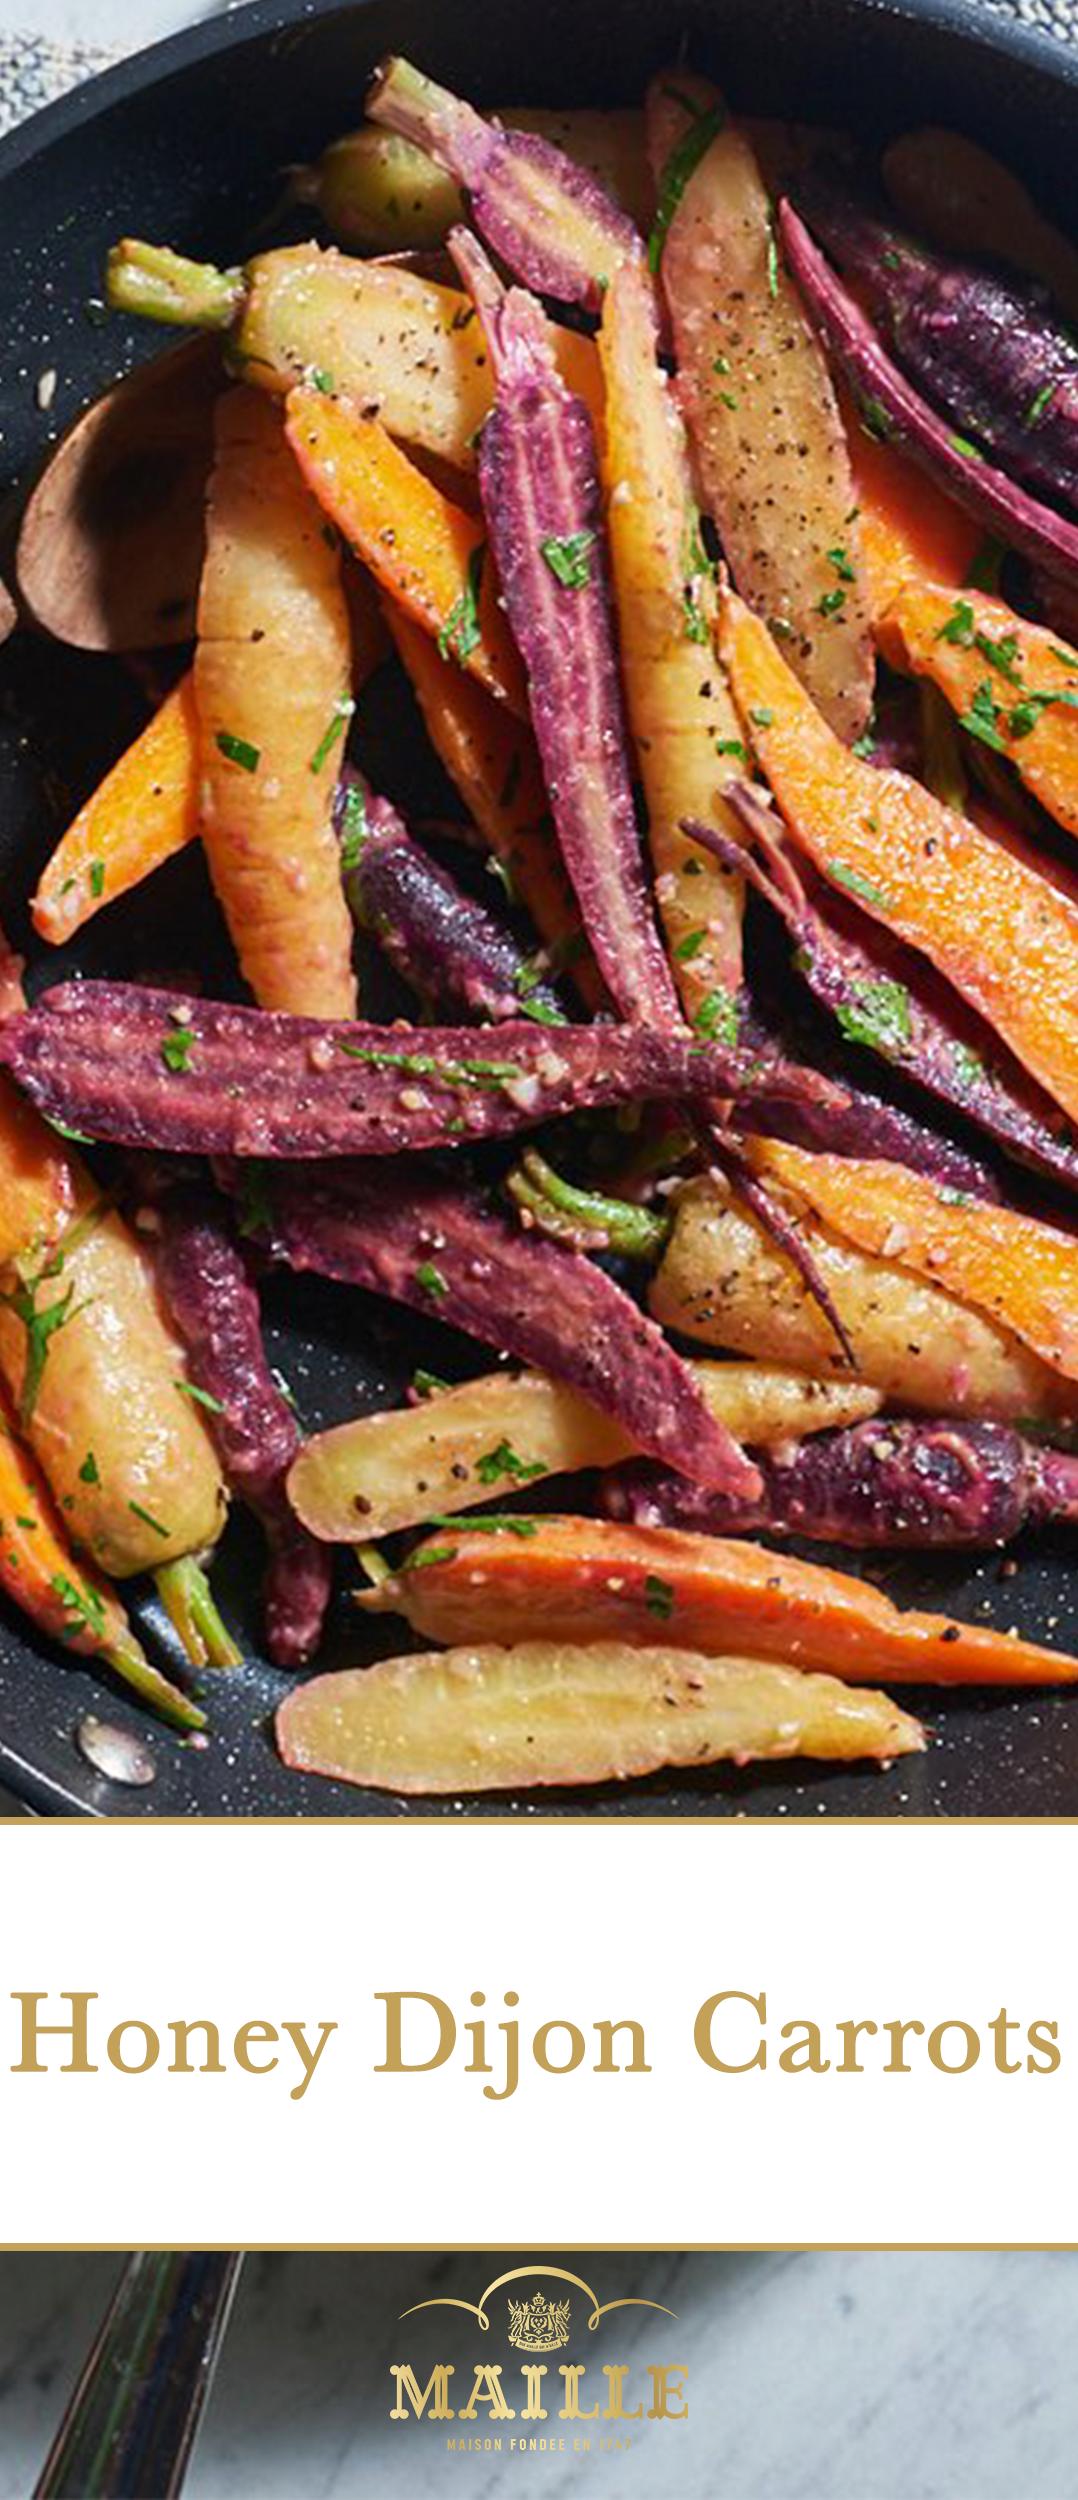 Honey Dijon Carrots Maille Winter Recipes Carrots